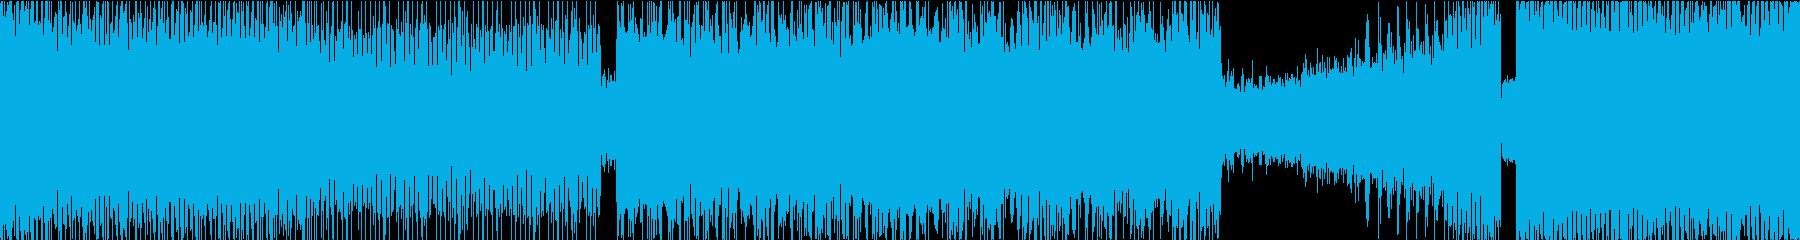 ひたすら激しいメタルロック Cの再生済みの波形